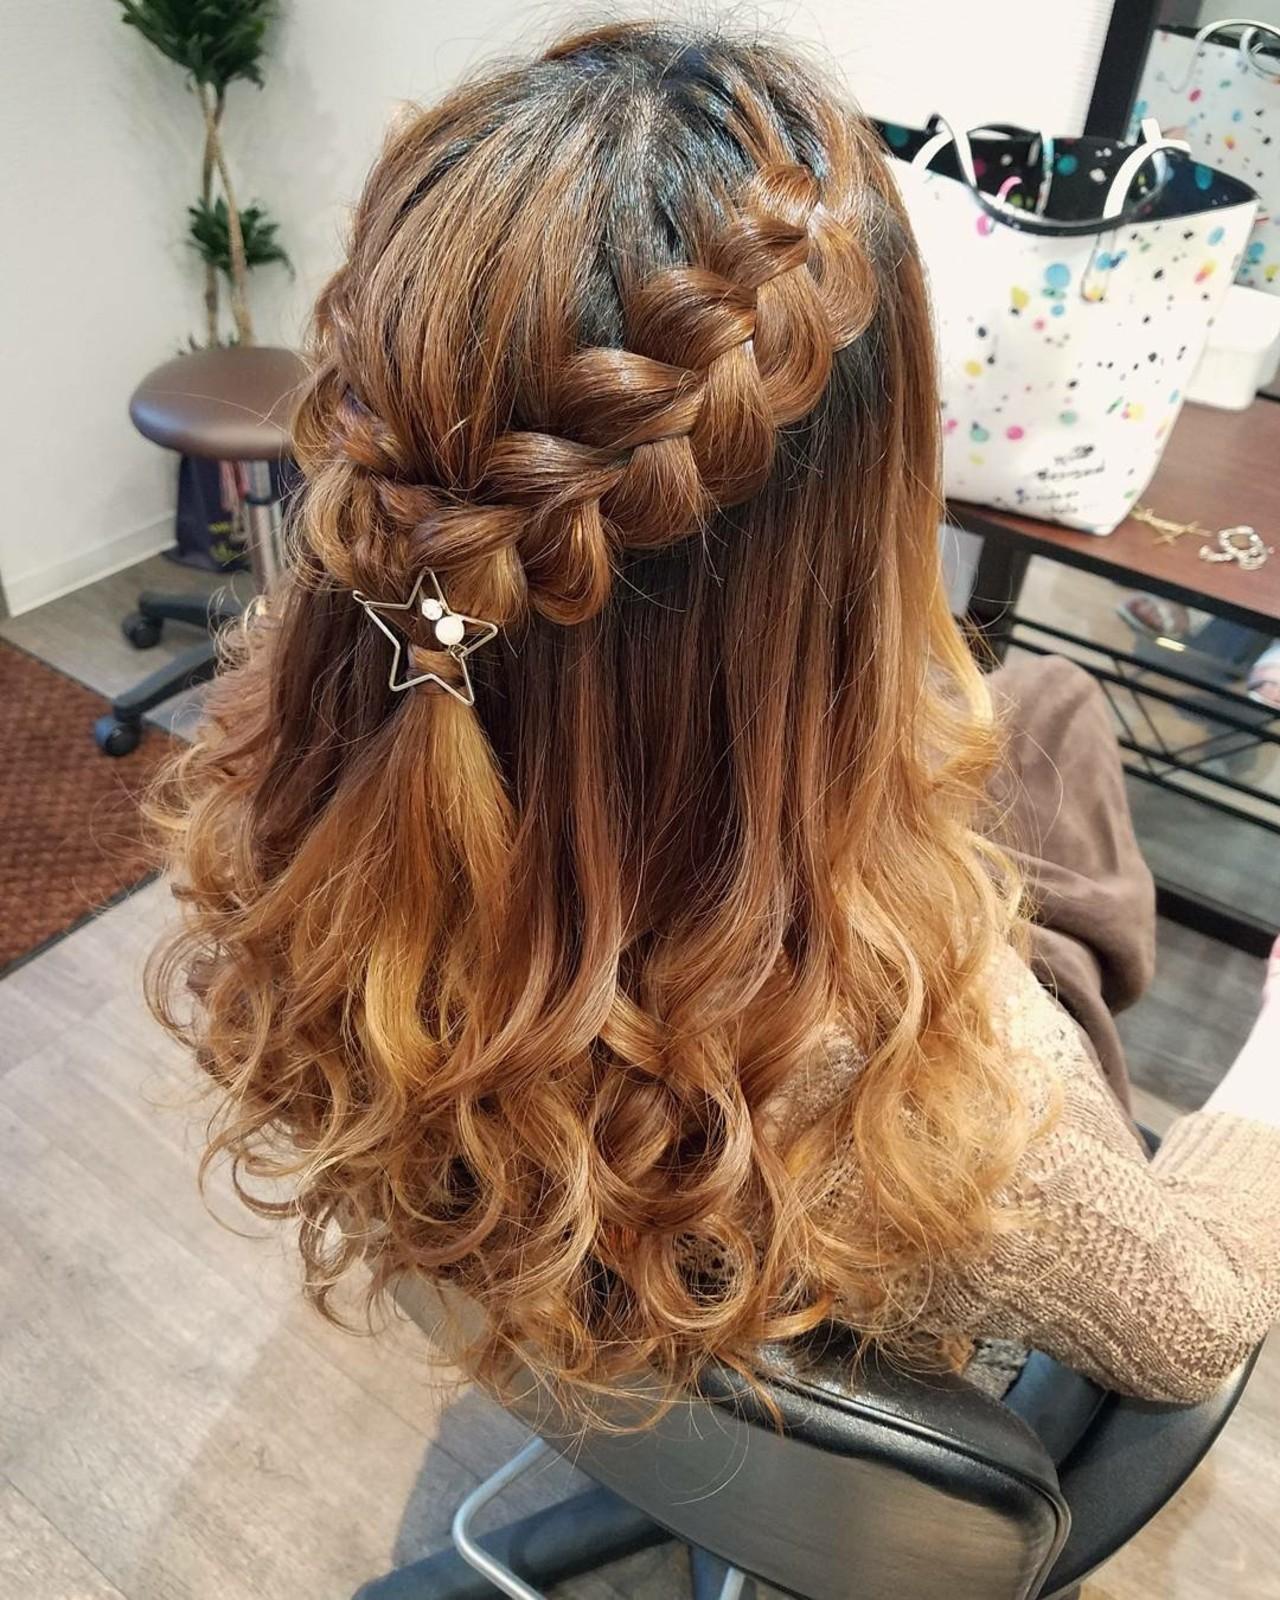 ヘアアレンジ 編み込み セミロング フェミニン ヘアスタイルや髪型の写真・画像